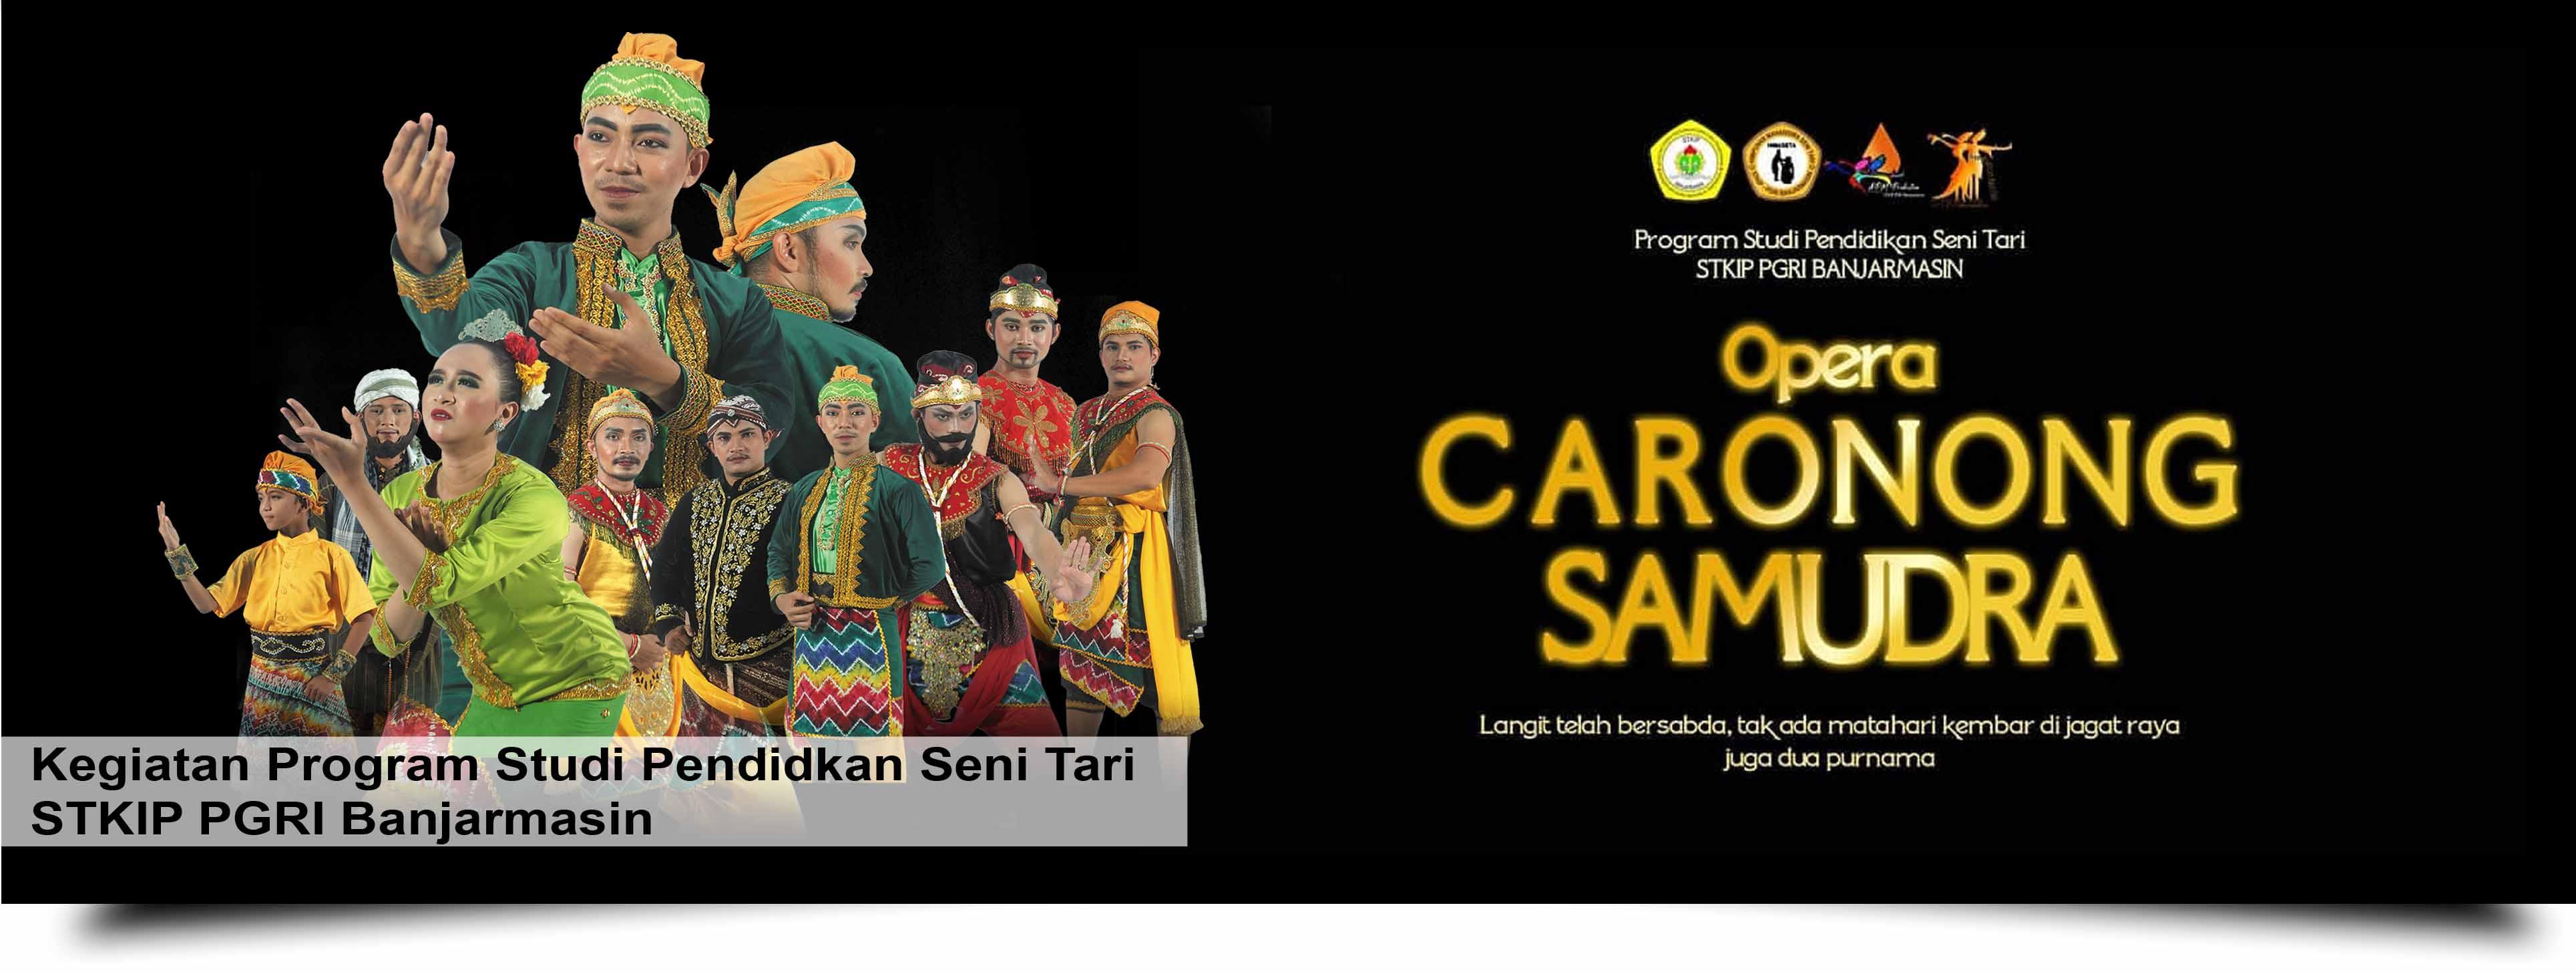 Berebut Takhta, Pertarungan Terjadi di Opera Caronong Samudra Gedung Sultan Suriansyah Banjarmasin